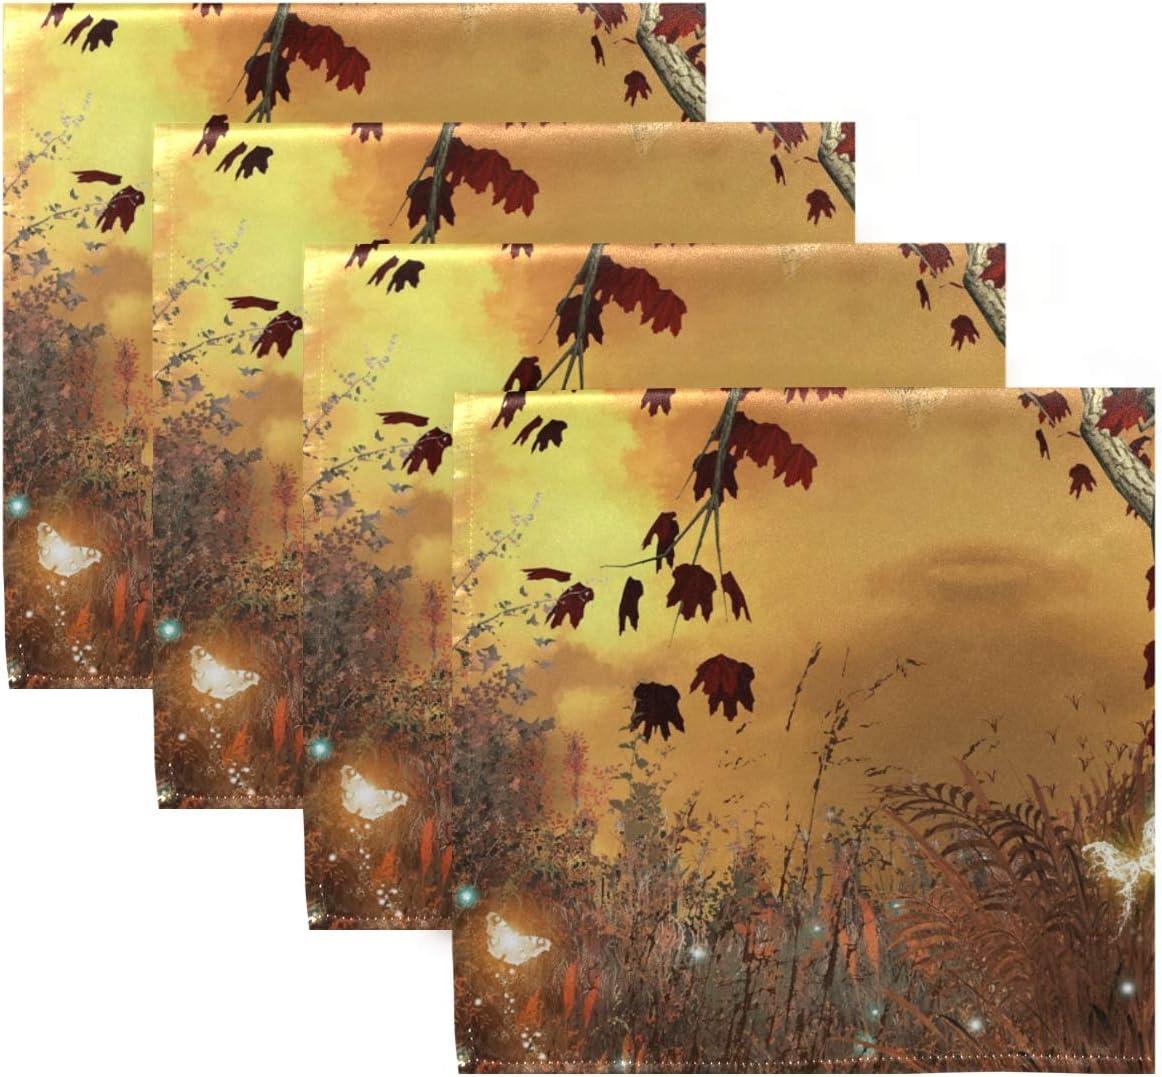 Banquet CPYang Serviettes de Table en Tissu Motif Arbre d/érable Papillon Lot de 1 Serviette de Table de Cuisine pour d/îner de Famille Mariage Restaurant f/ête 50 x 50 cm